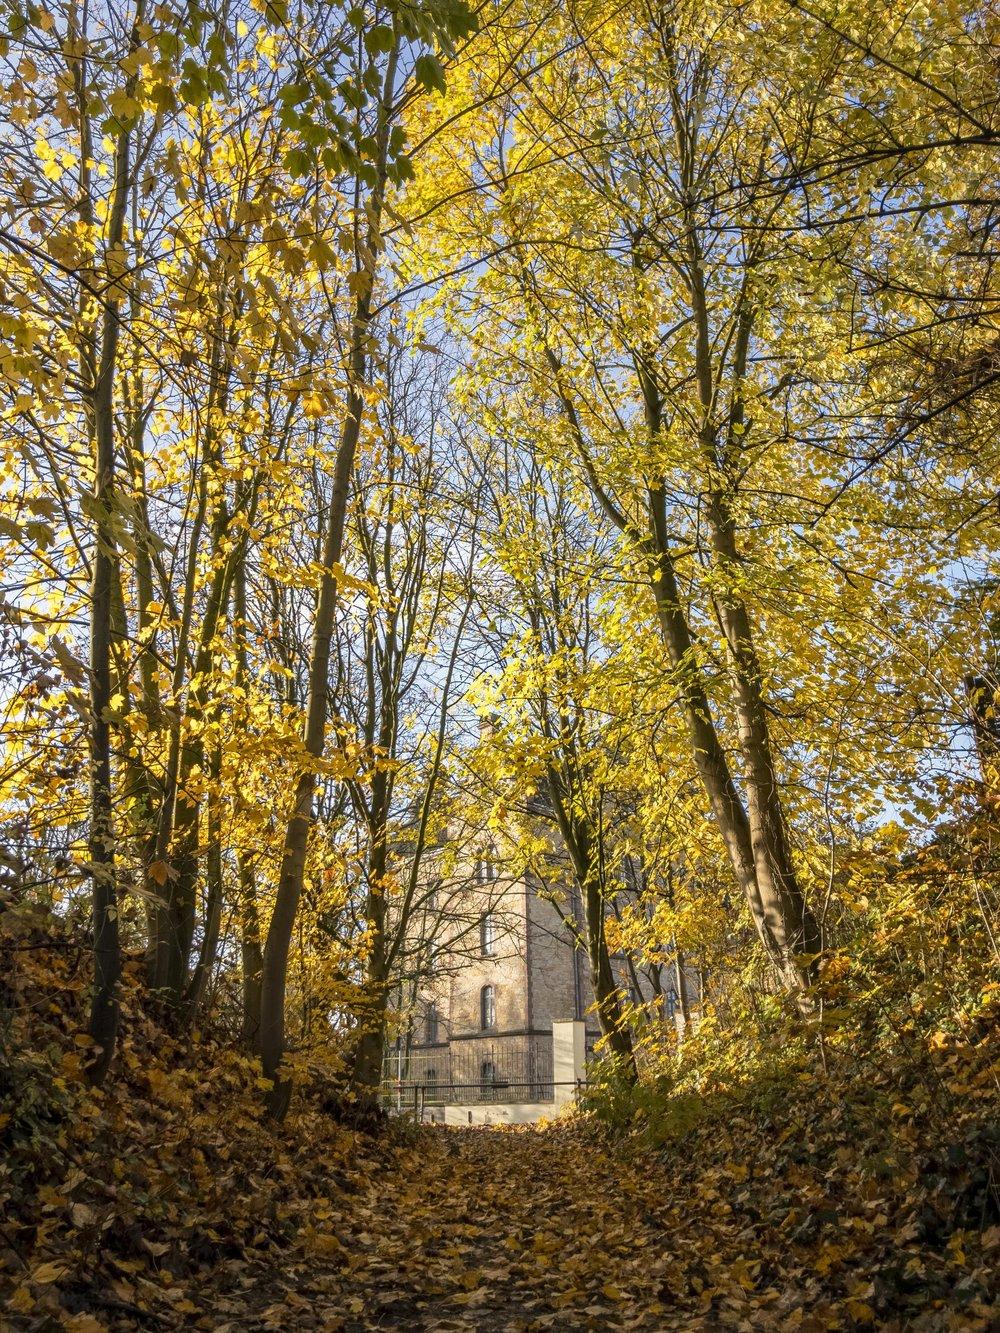 APC_0889-hdr - Herbst ShotoniPhone Autumn Blätter Leaves Sun Sonne Light Threes Licht Bäume Baum Stadt Osnabrück.jpg